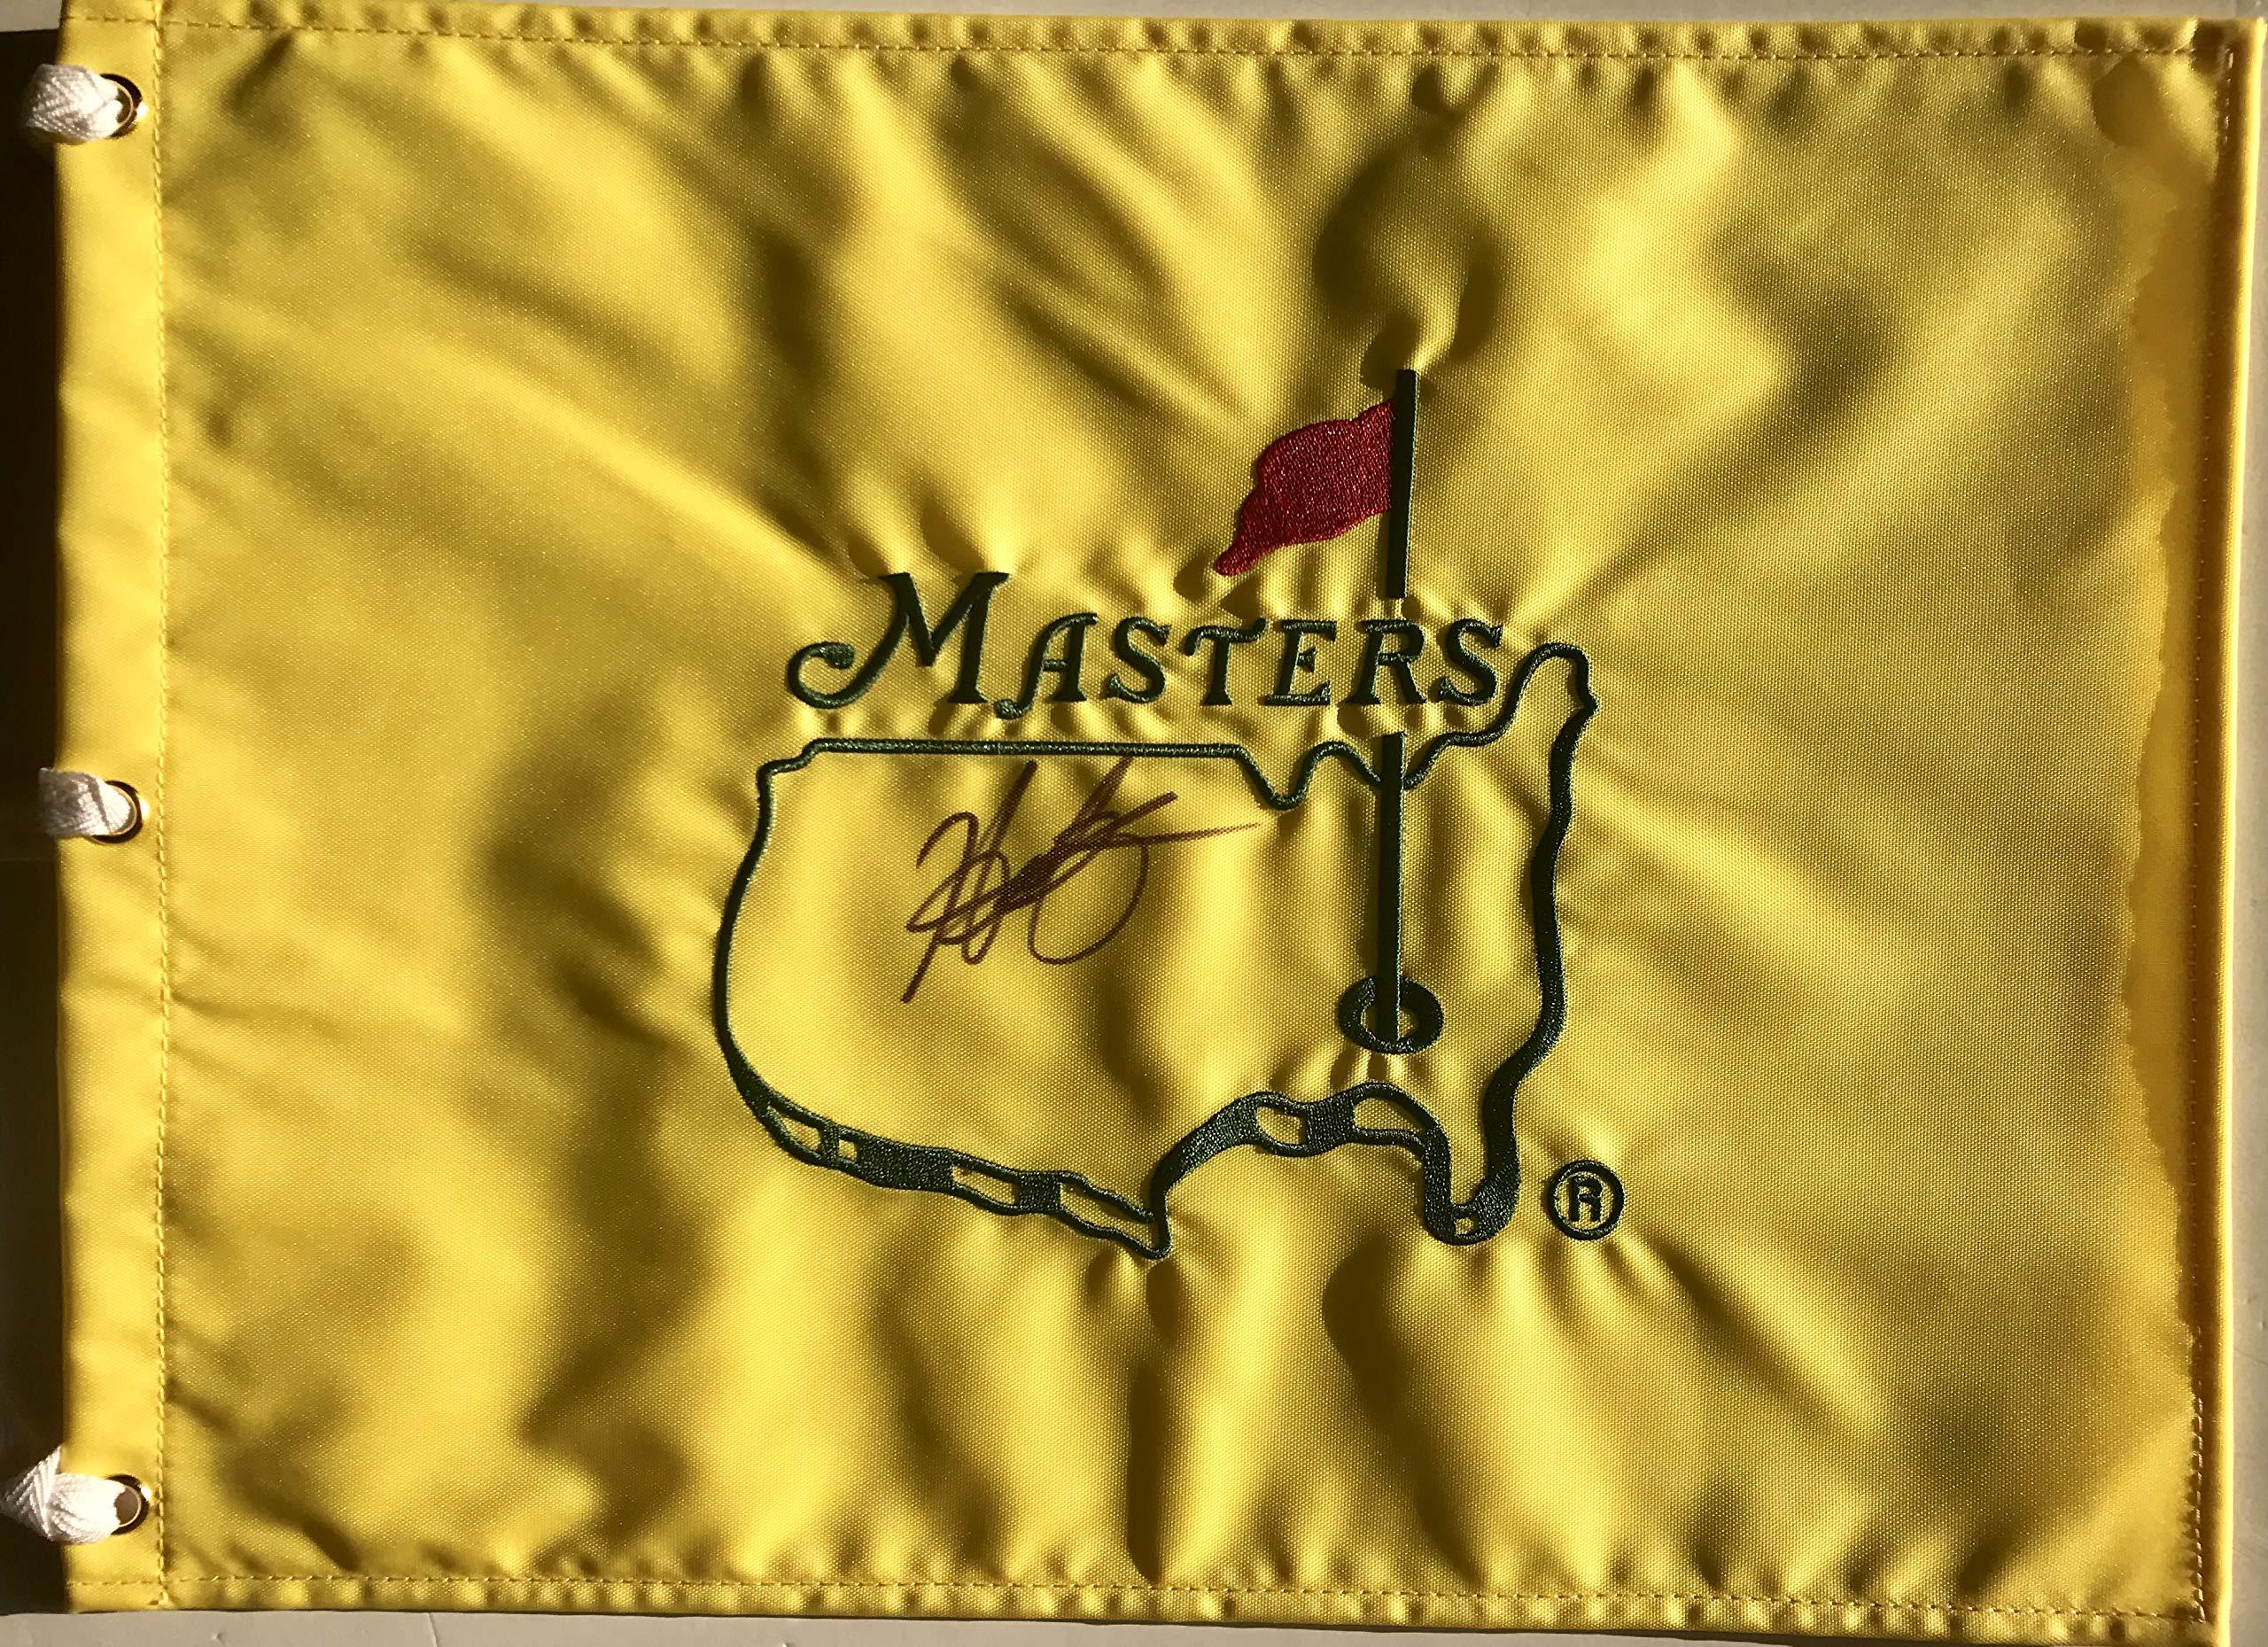 Hideki Matsuyama signed Masters flag undated 2018 pga golf japan